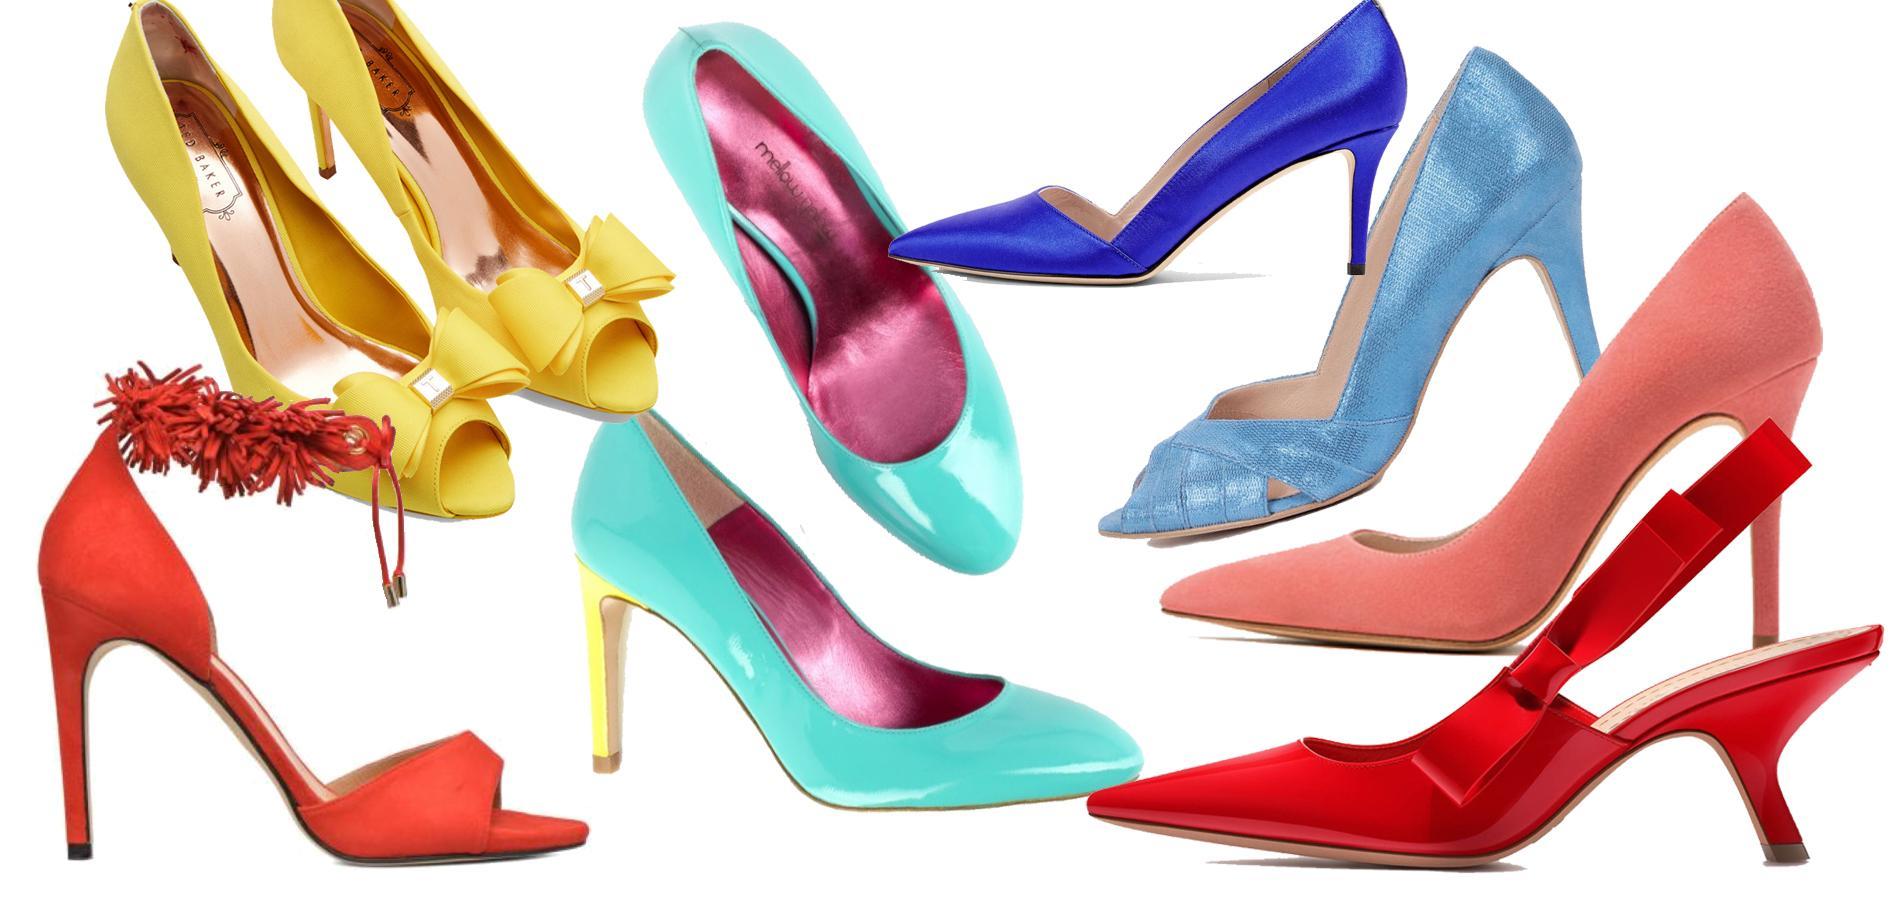 6b1271ef7486 Des chaussures colorées pour égayer la tenue de la mariée - Madame Figaro